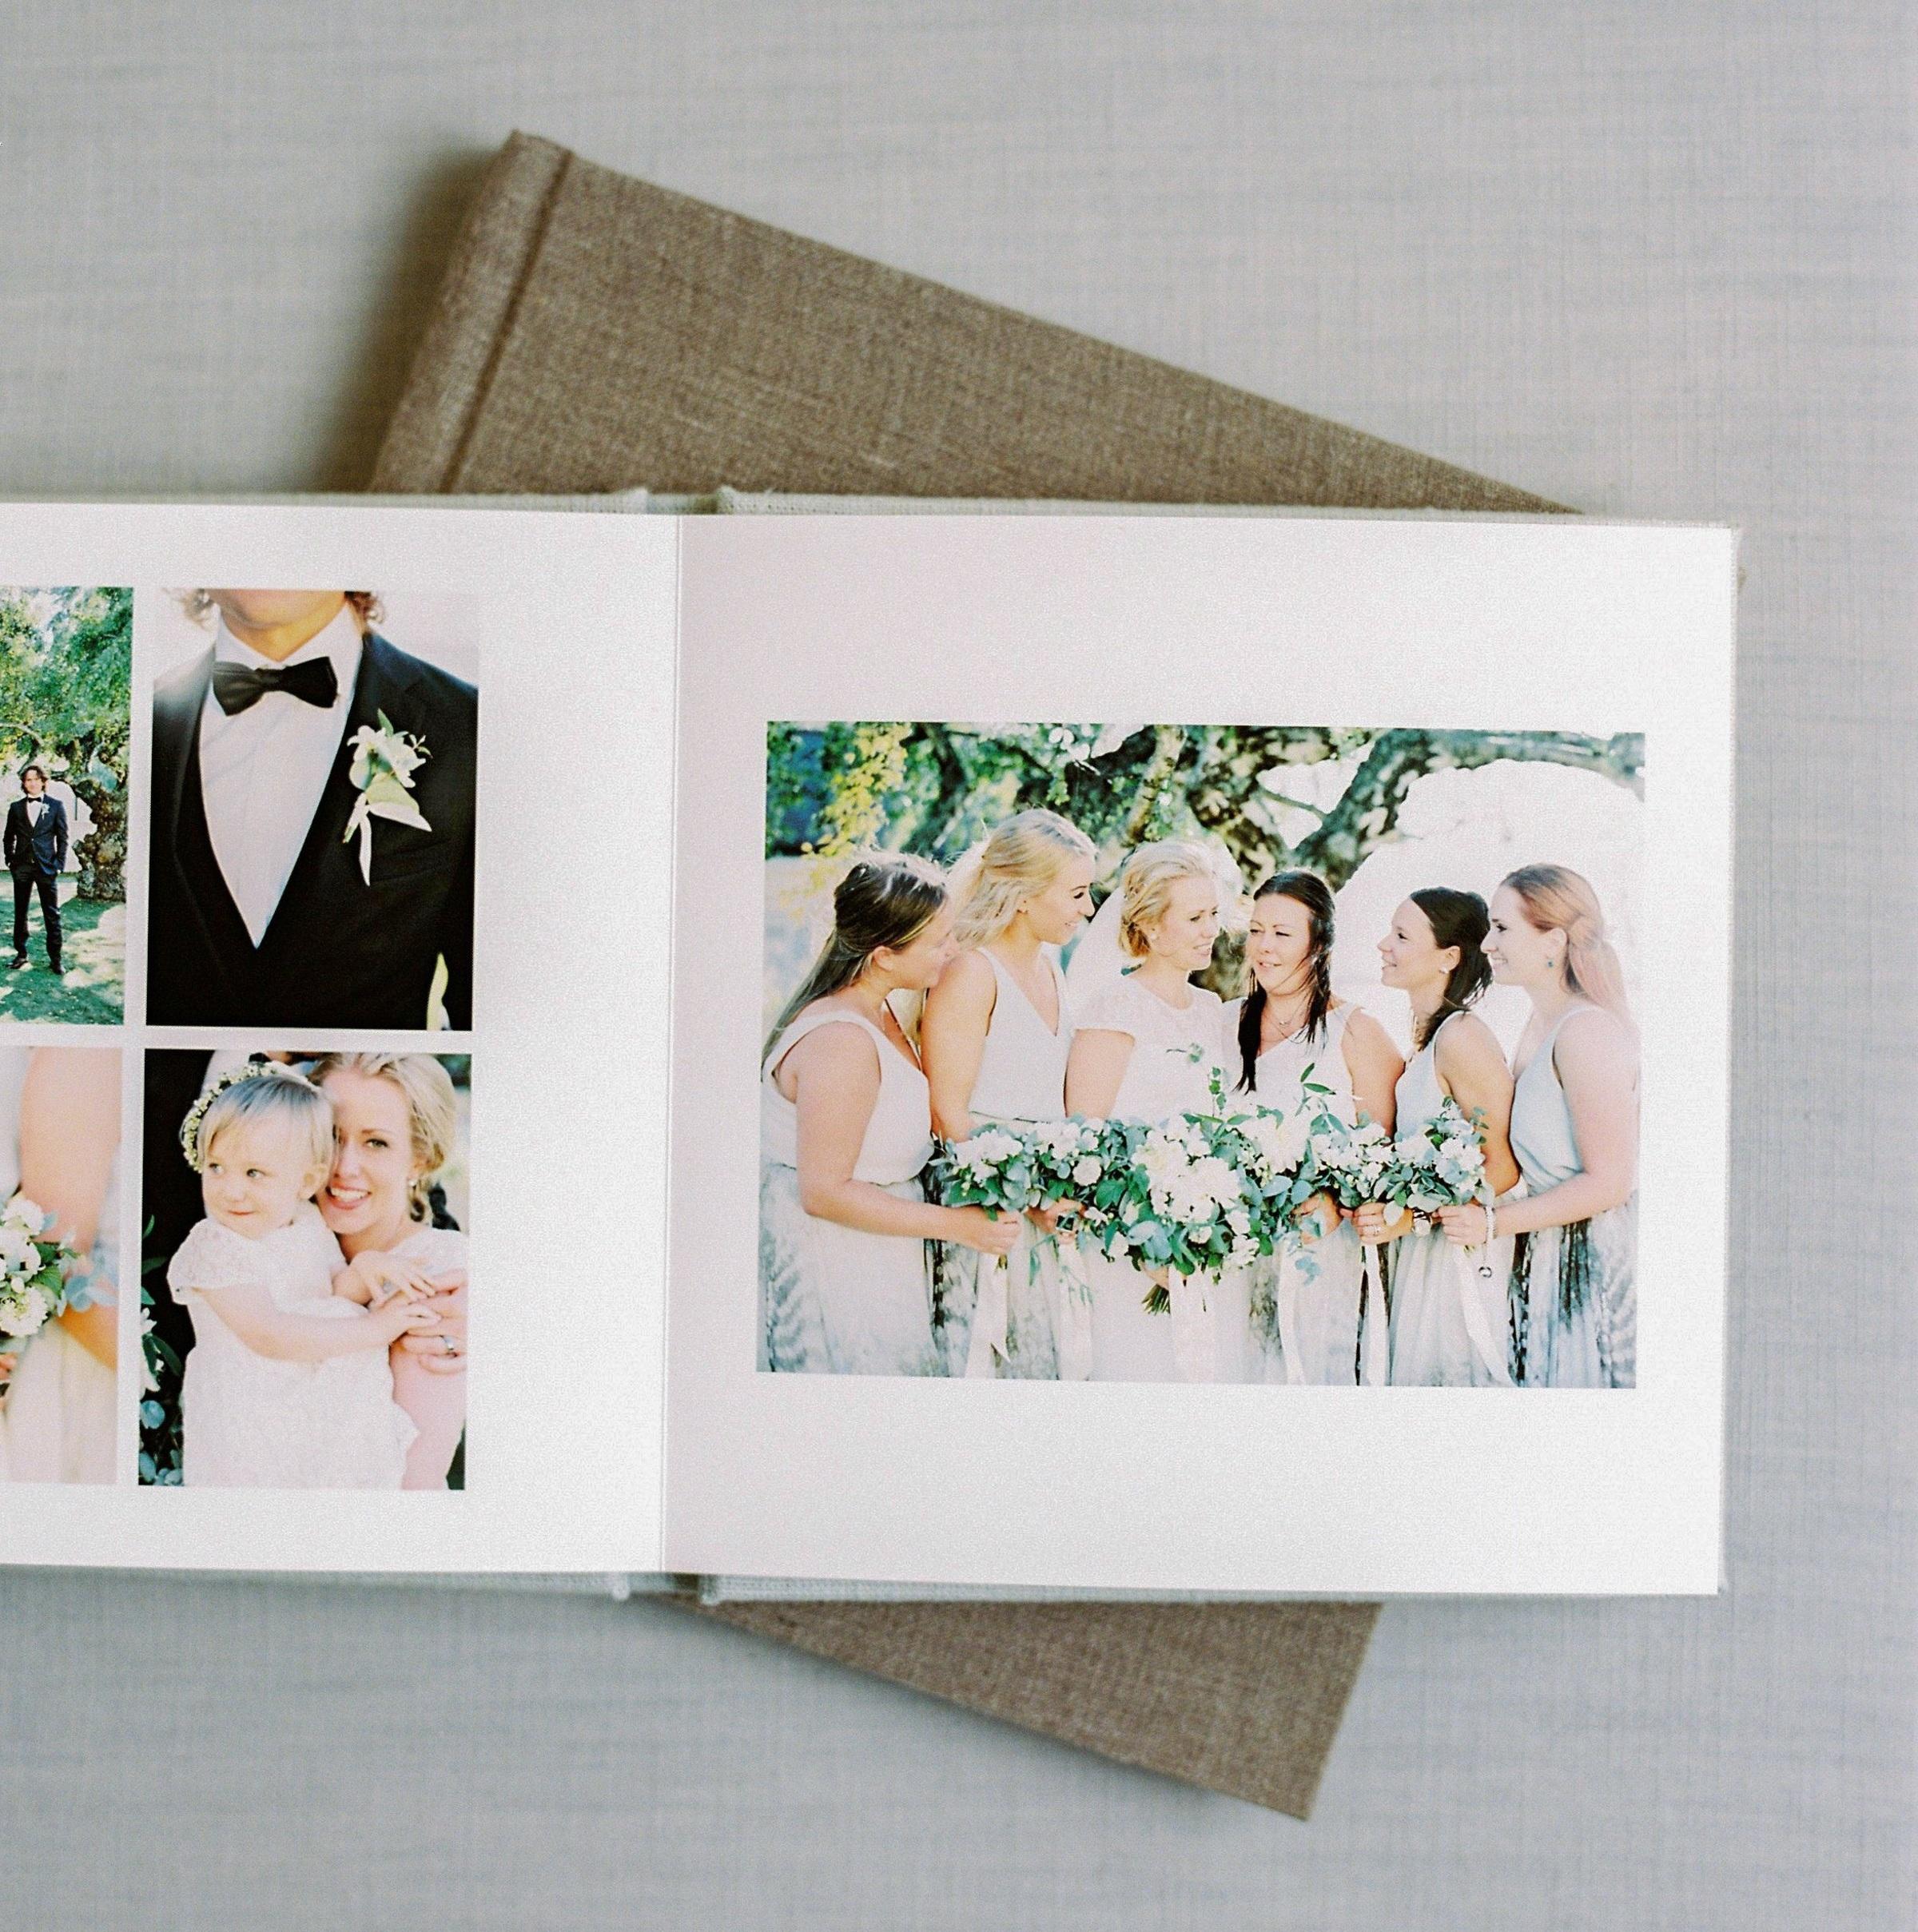 2_Brides_Photography_Album_Studio_Samples_03_1_a5c30a88-aea5-4f17-8b73-05eb6daa6899_5000x5000%402x.jpg